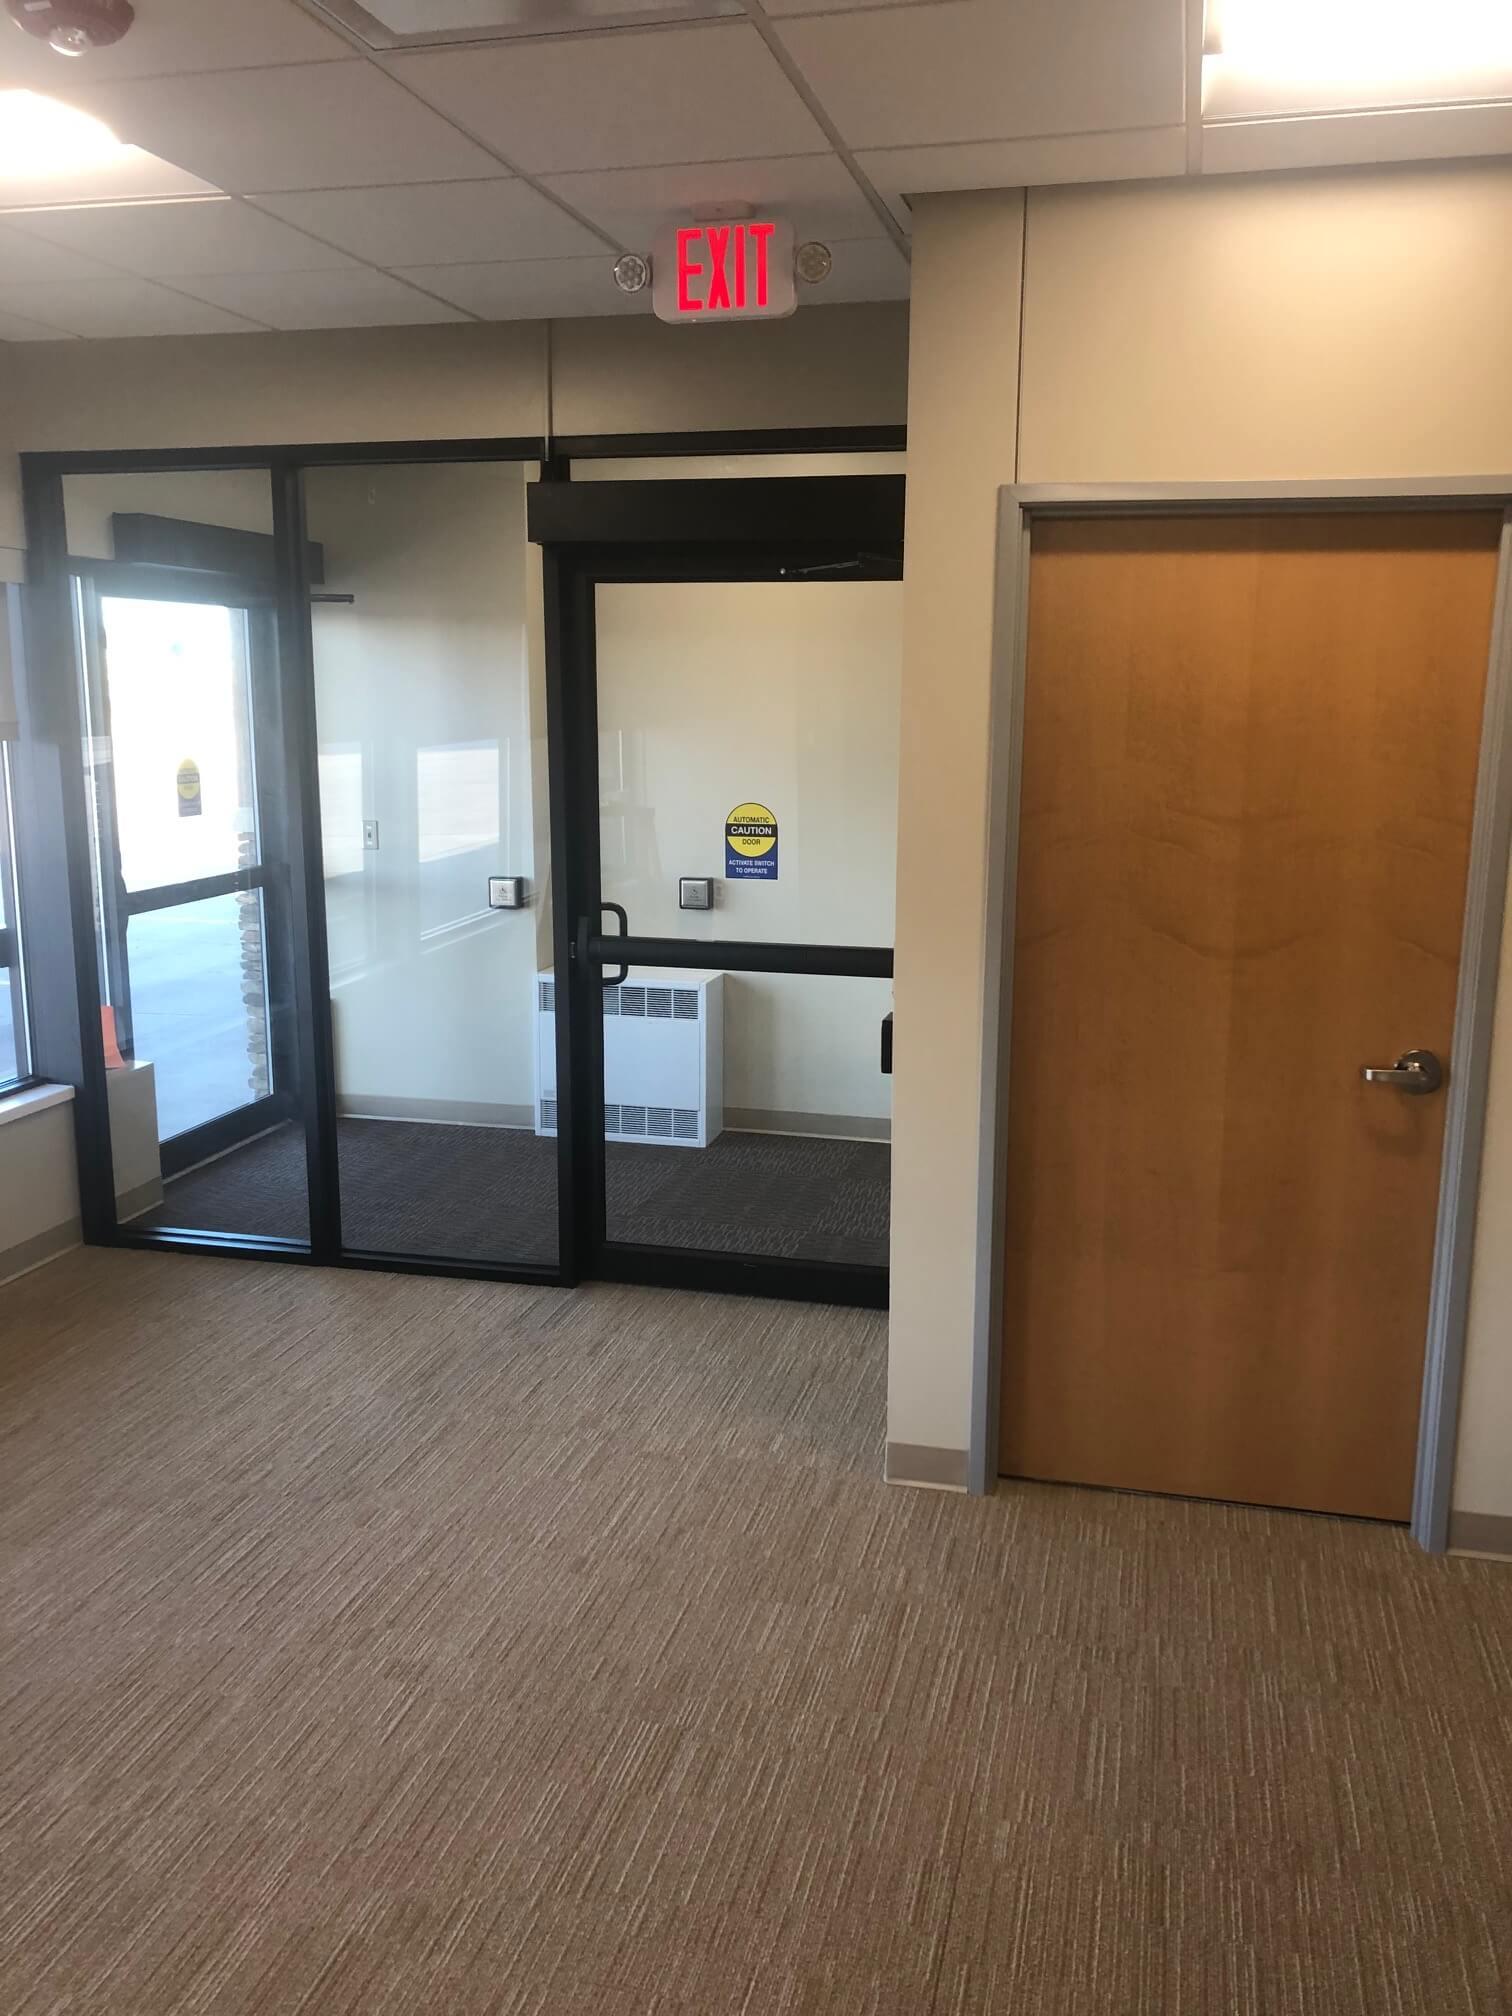 SRMC Walk In Clinic in Sidney, NE